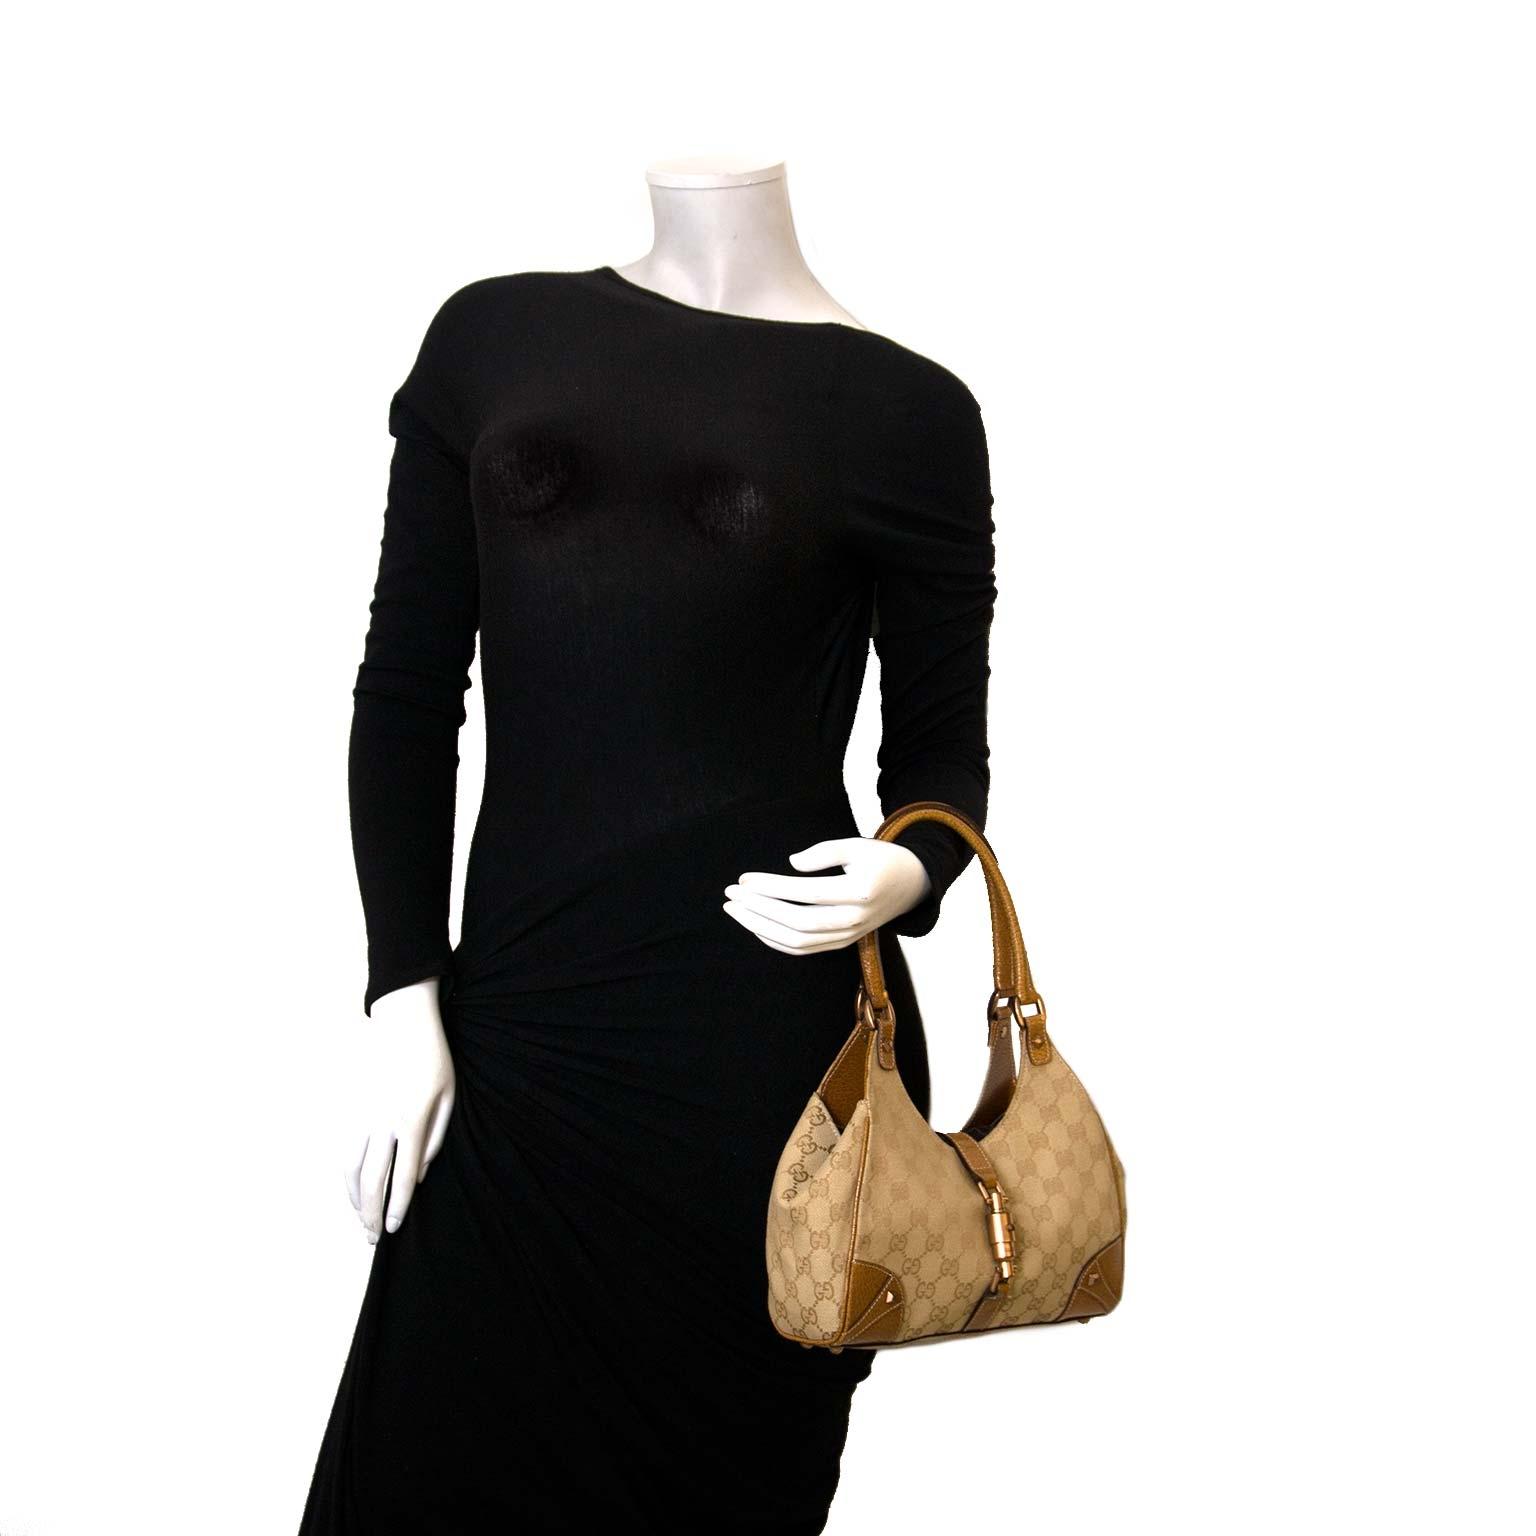 Koop authentieke Gucci tassen nu online bij Labellov vintage fashion webshop